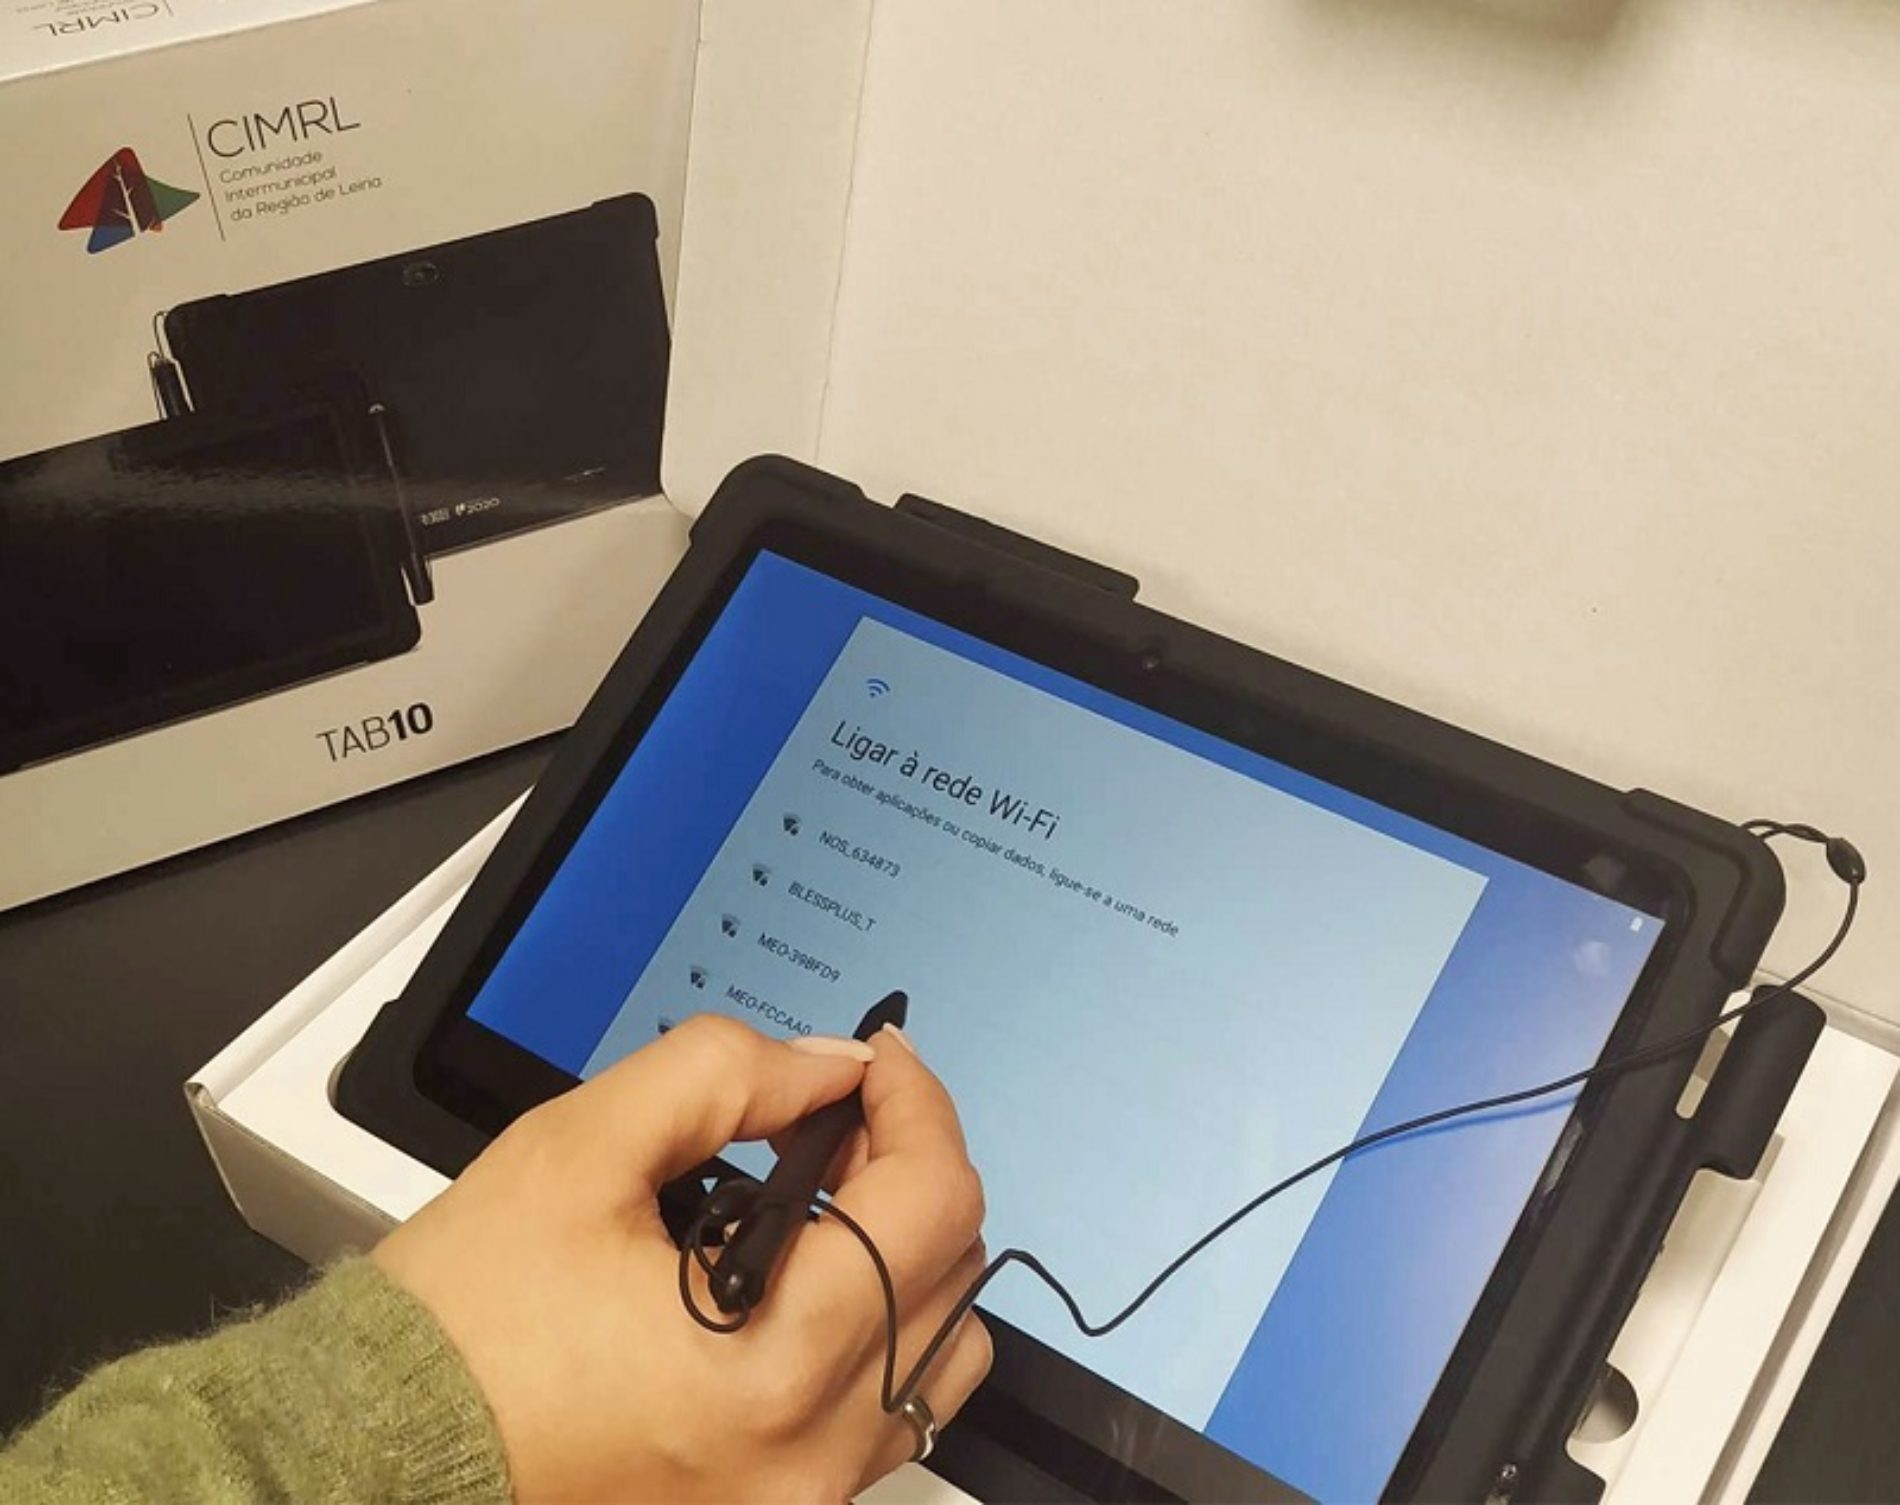 Comunidade Intermunicipal da Região de Leiria distribui 1515 tablets pelos 10 municípios associados